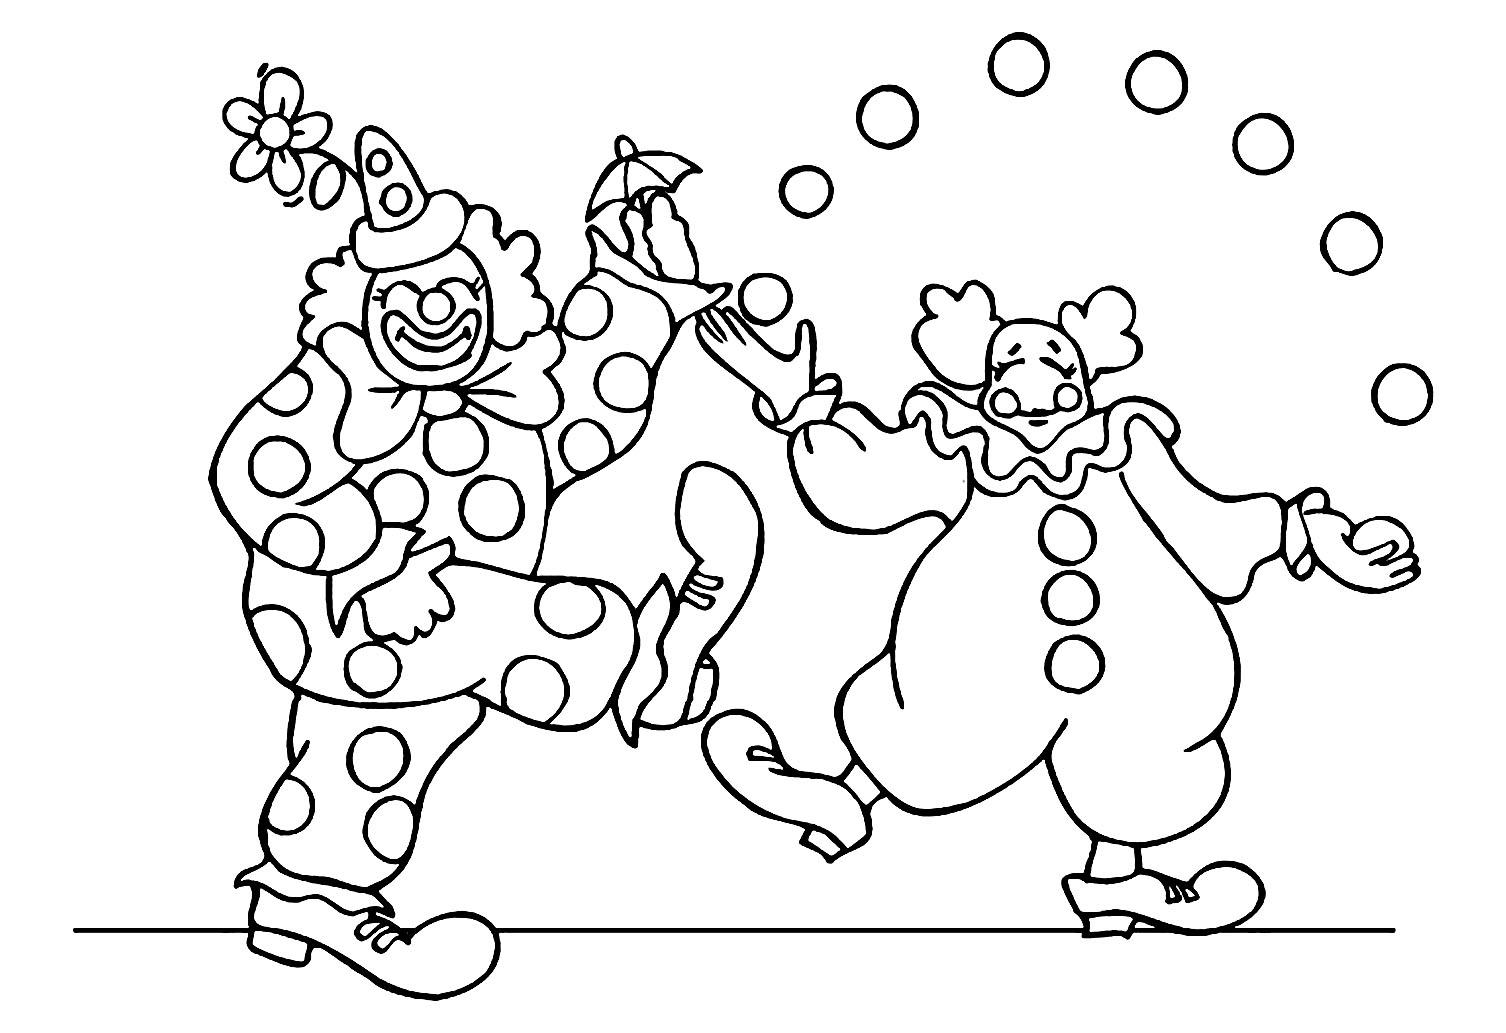 Incroyable coloriage de Cirque pour enfants